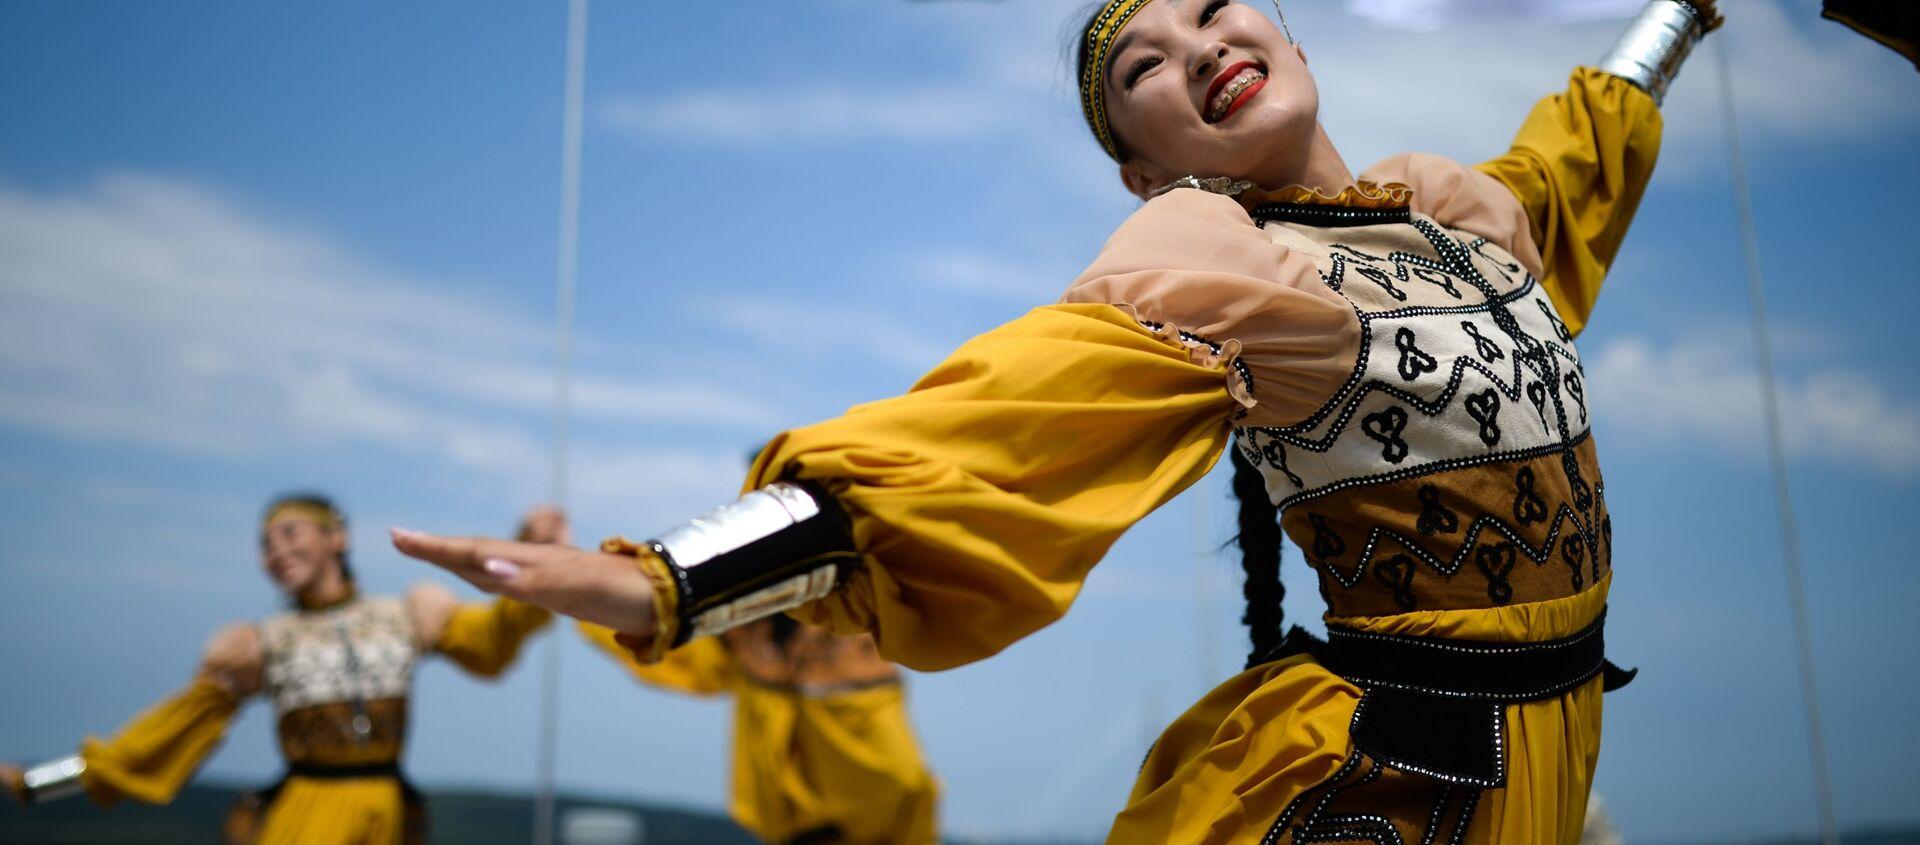 Màn trình diễn của các nghệ sĩ trong trang phục dân tộc tại Diễn đàn kinh tế Đông lần thứ V - Sputnik Việt Nam, 1920, 04.09.2019